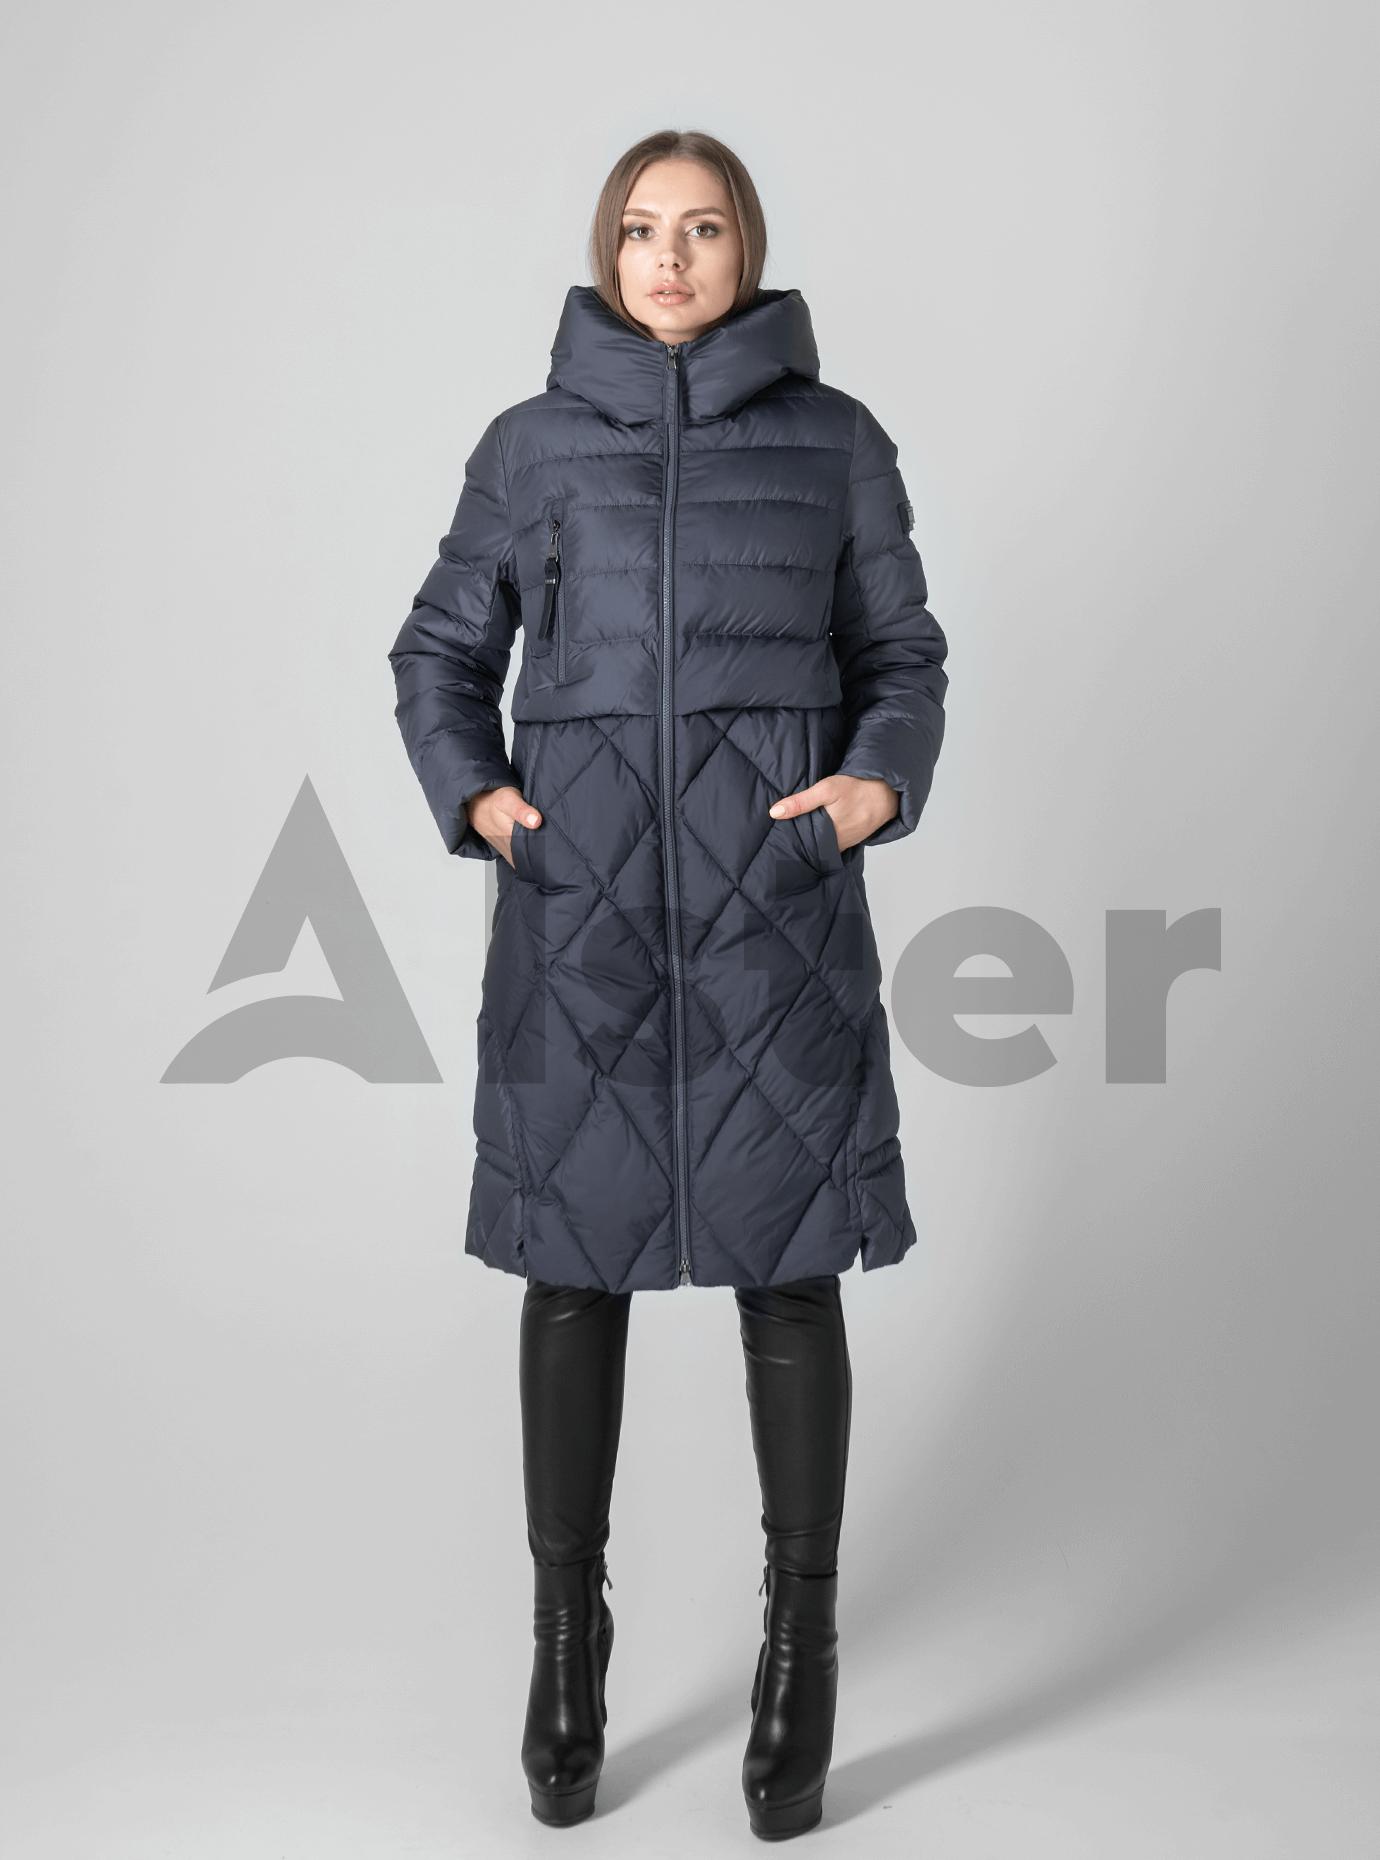 Куртка зимняя стёганая с капюшоном Графитовый 2XL (02-1901157): фото - Alster.ua